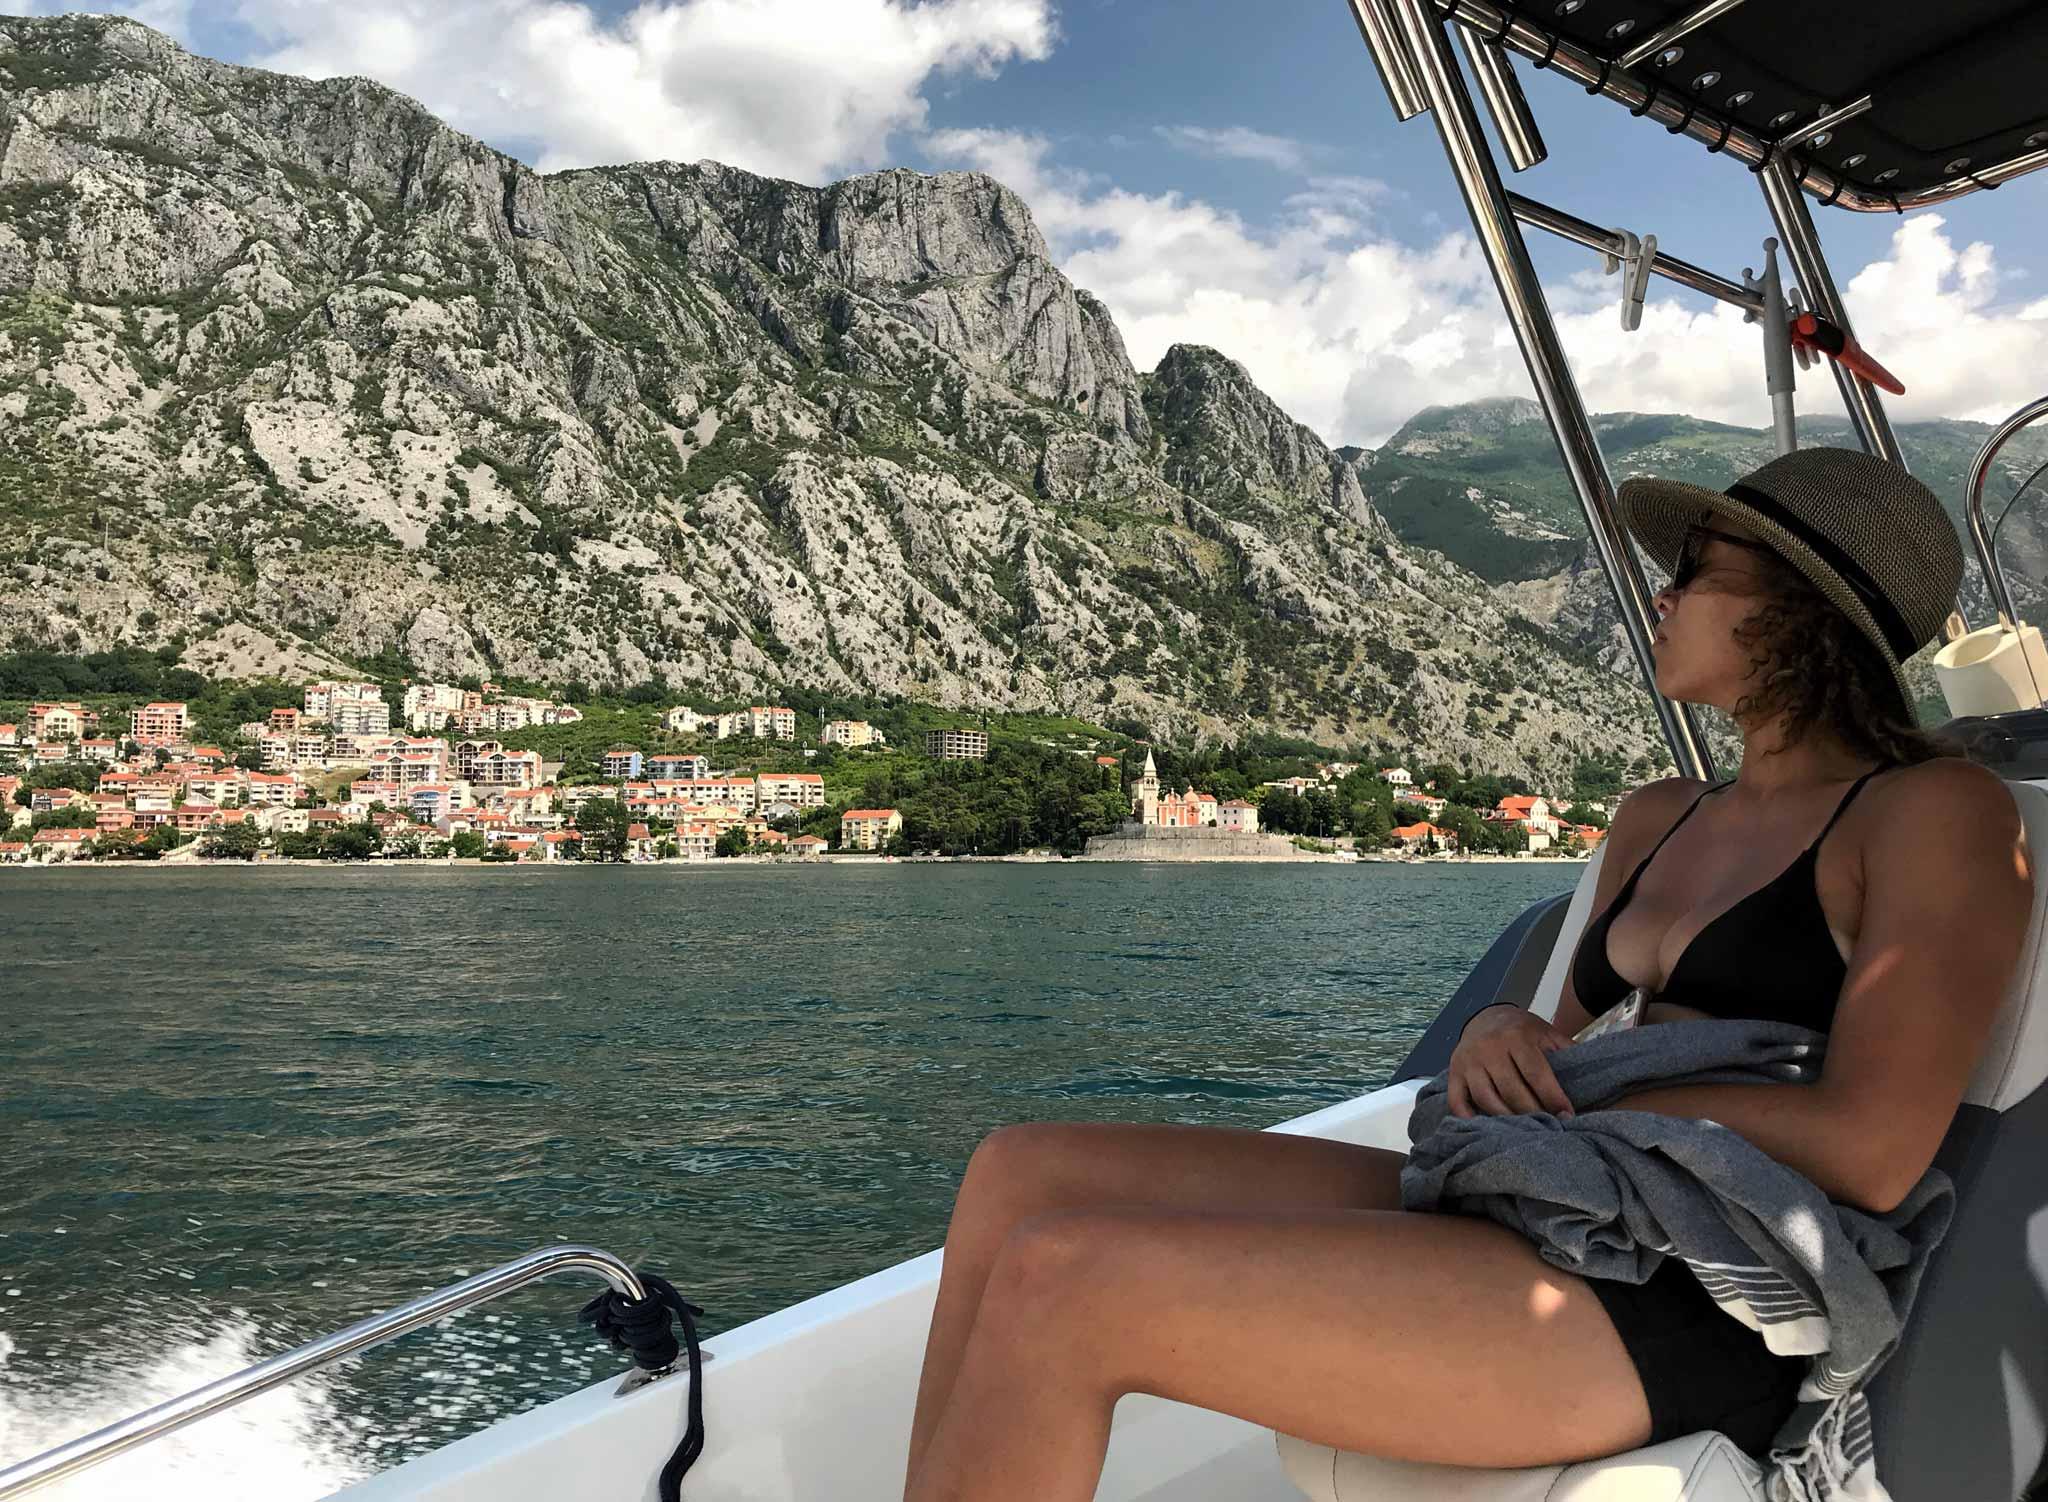 Bocche-di-Cattaro-Montenegro-ragazza-motoscafo